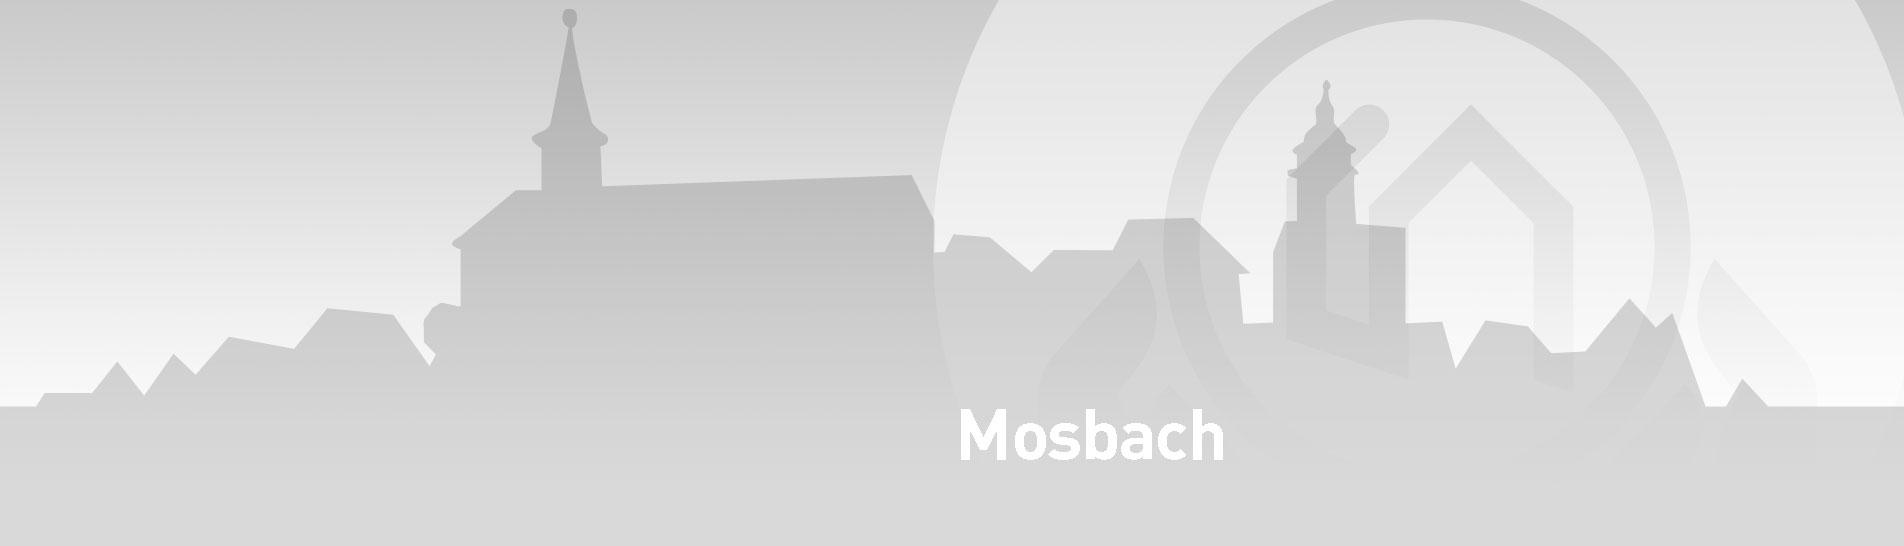 Mosbach SENCURINA slider - Besondere Leistungen Mosbach